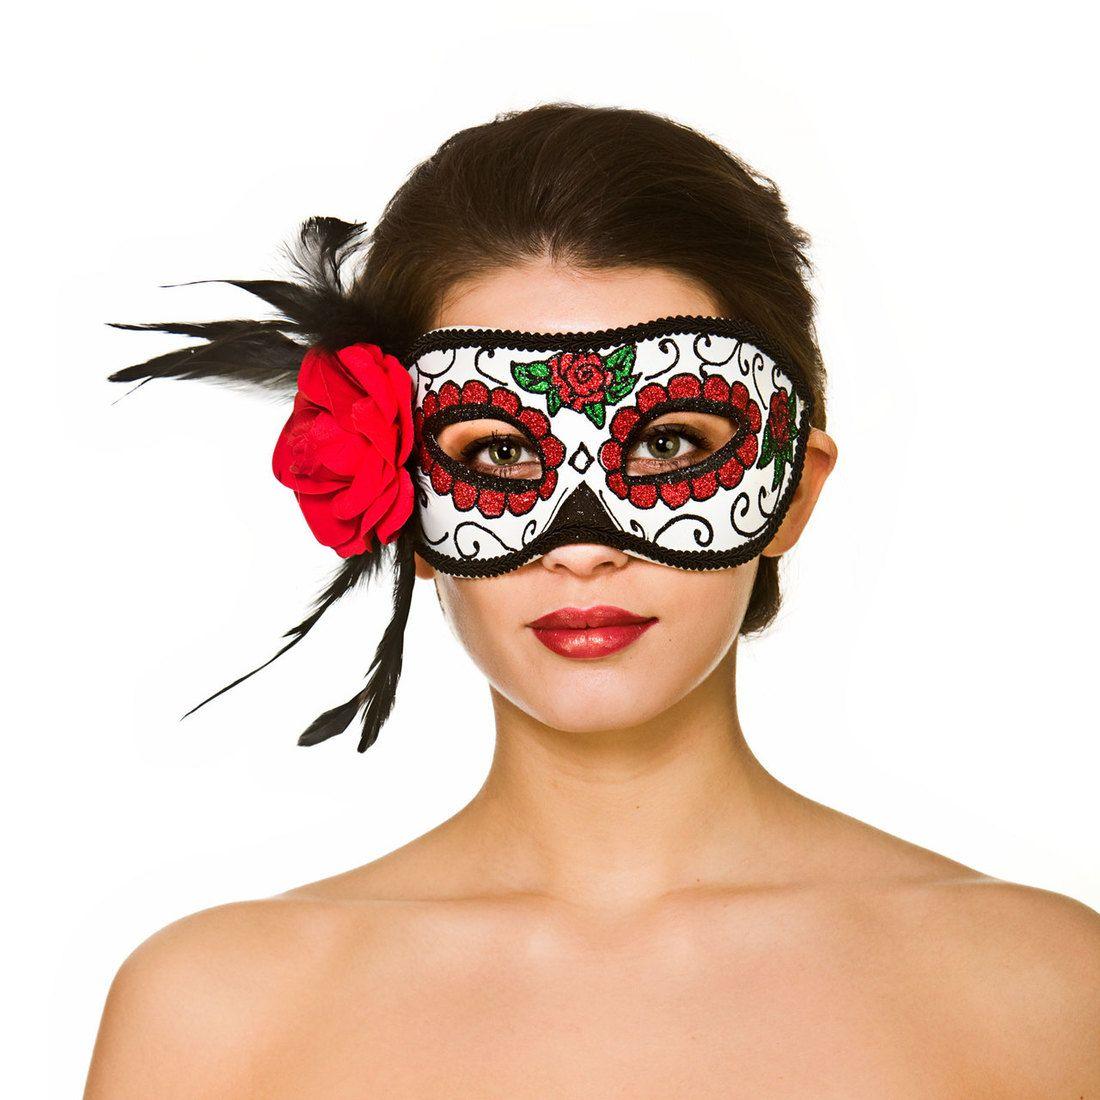 Imagen relacionada en 2020 Mascaras dia de muertos